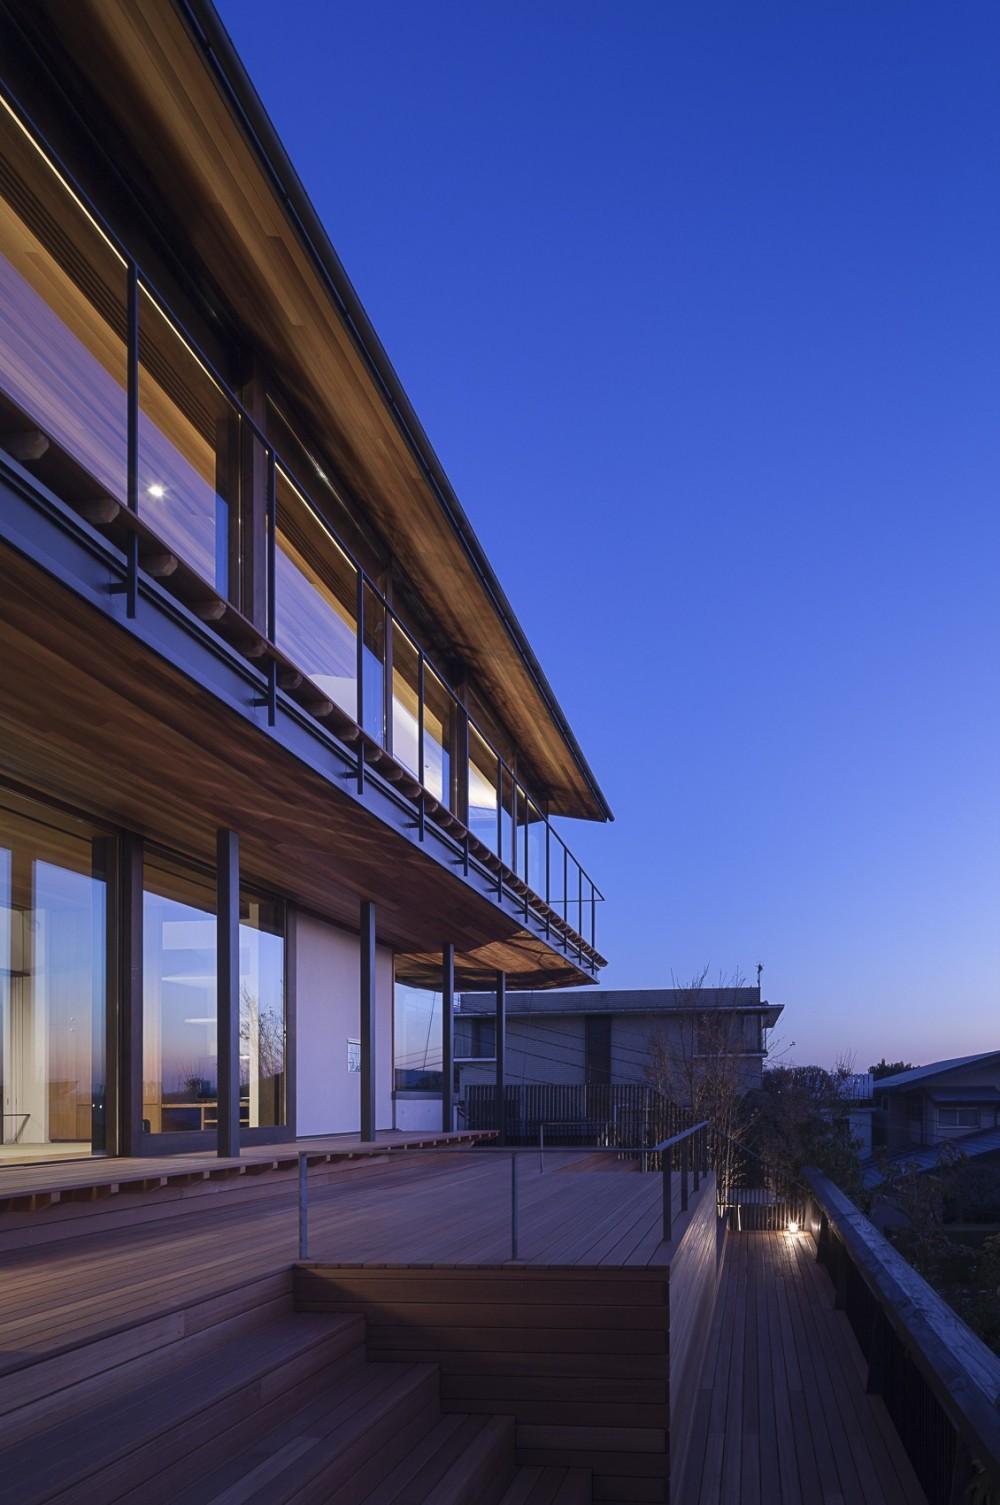 東京の崖地に浮かぶ絶景の住処 (風景に向かう階段デッキ)